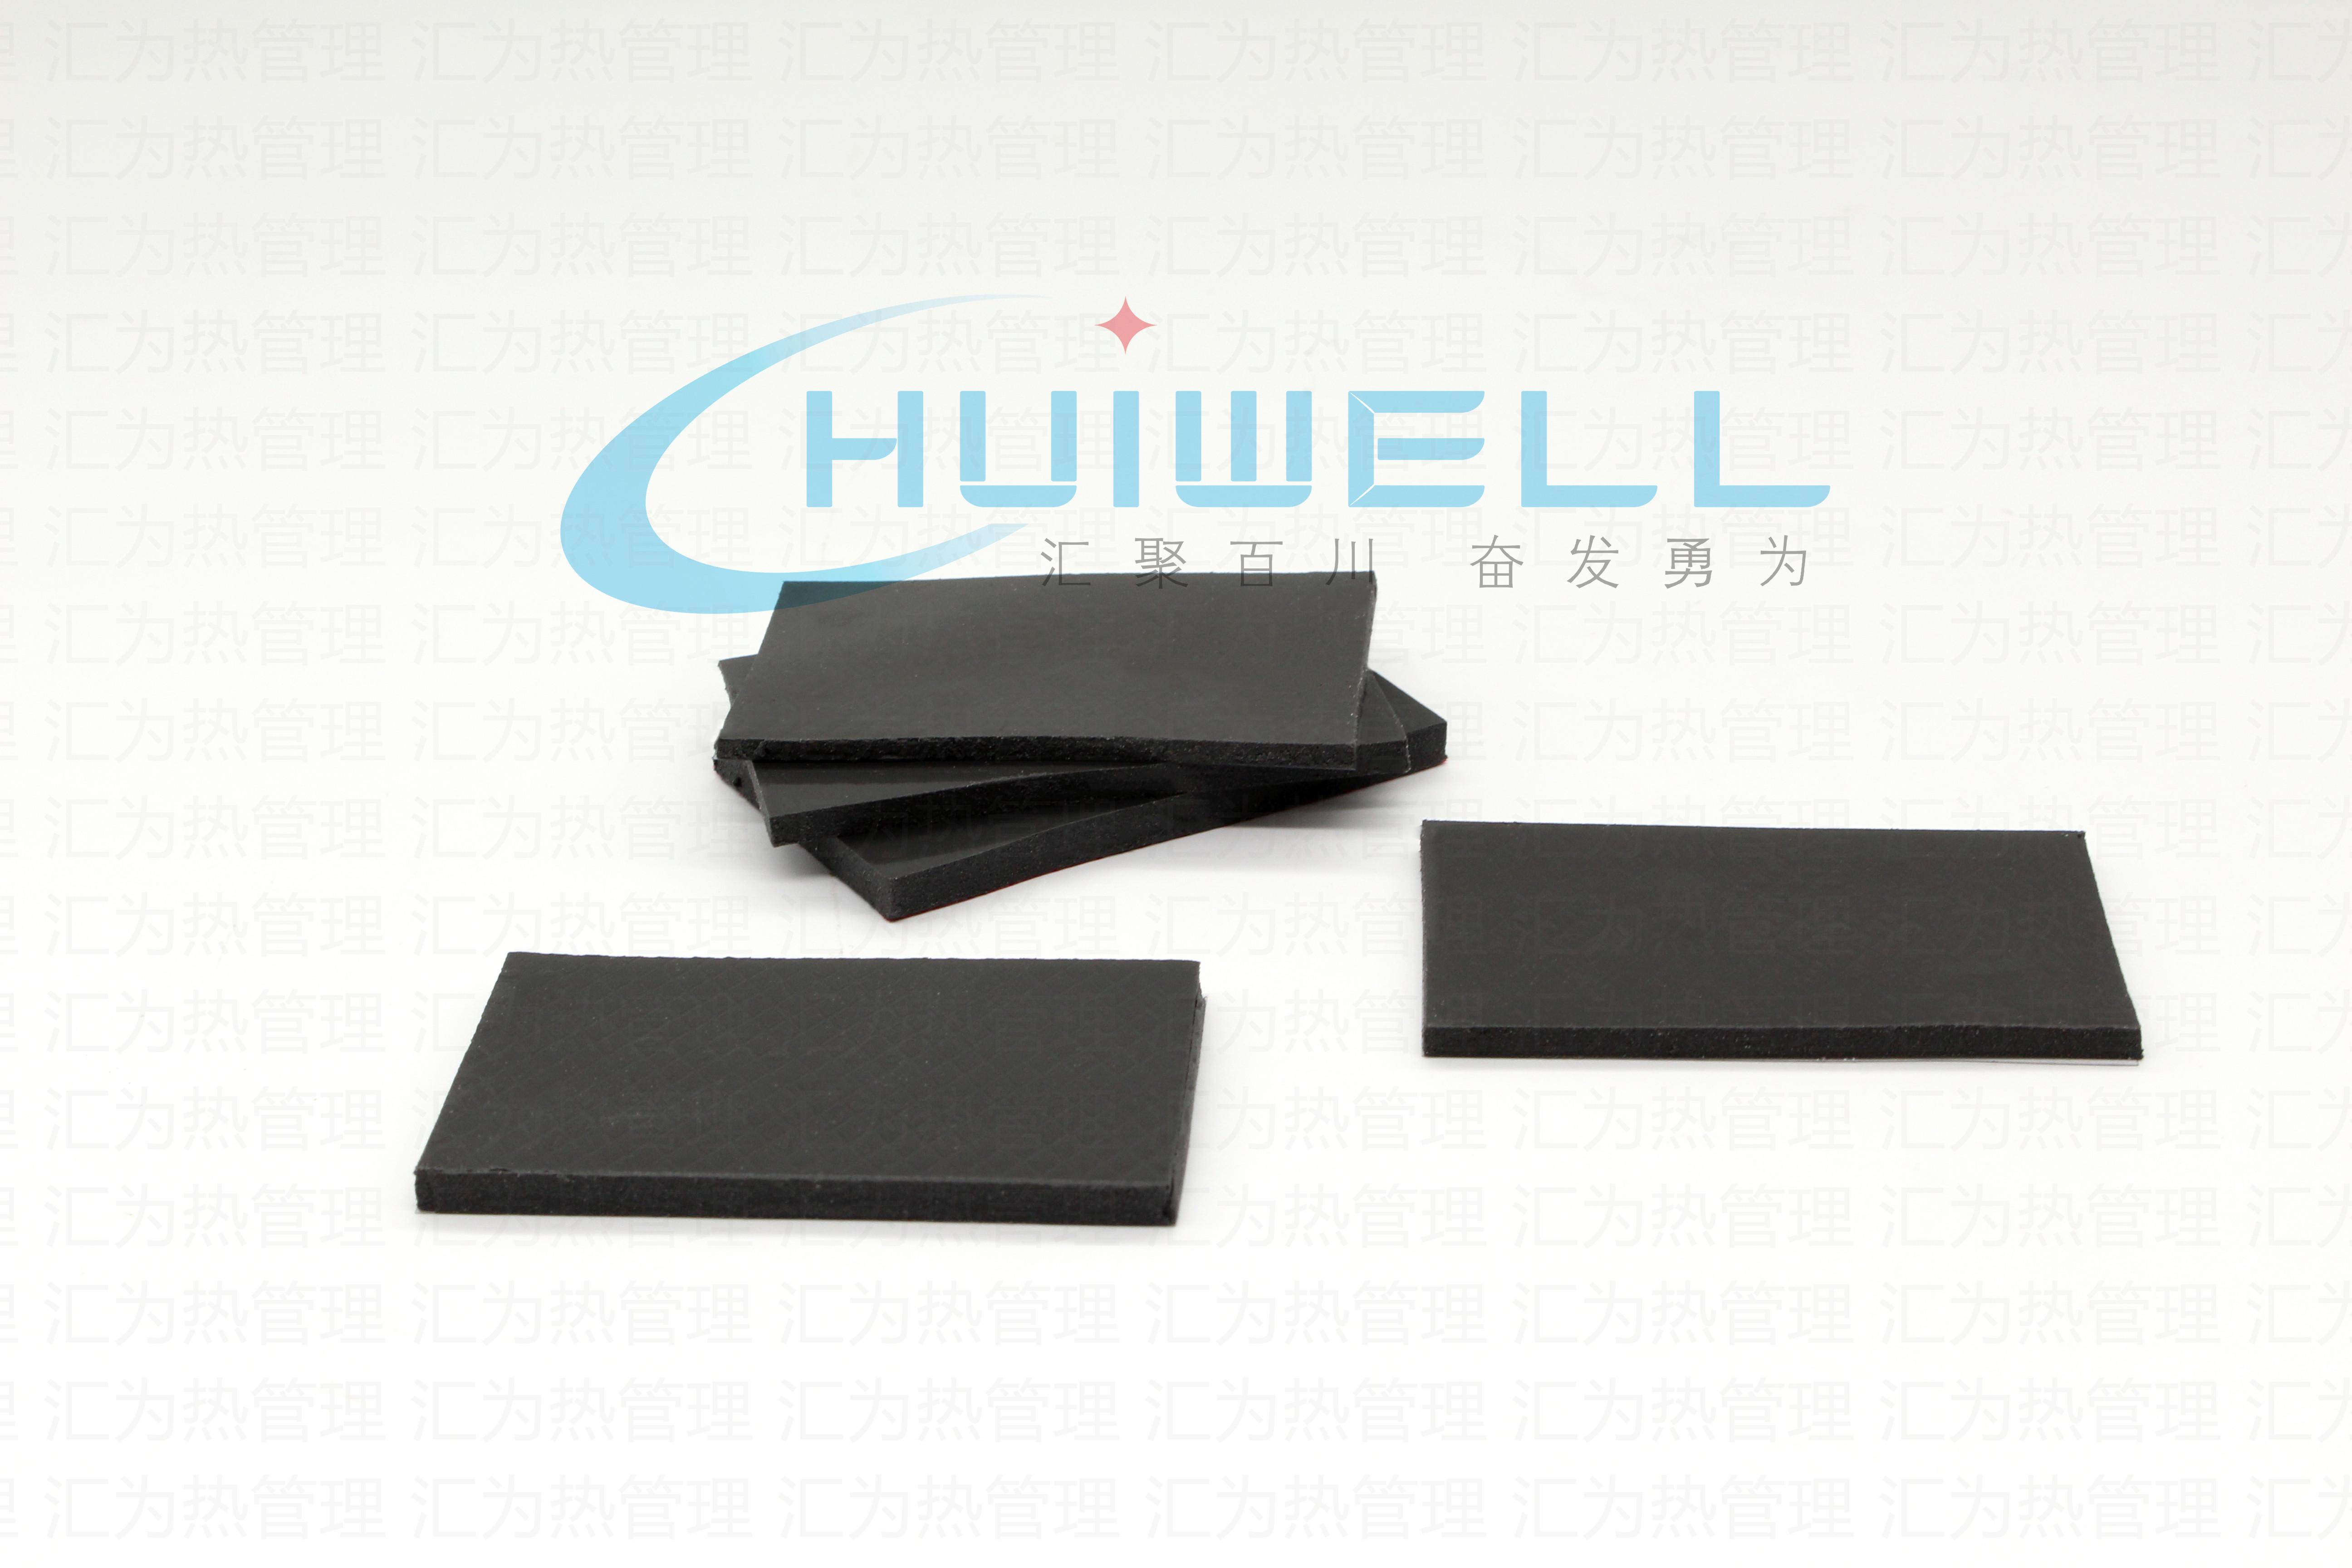 【研发定制】导热率15W/m-k超高导热硅胶垫片高端导热系数性能CPU/GPU芯片电感电容电阻散热膏硅脂硅胶垫片材料